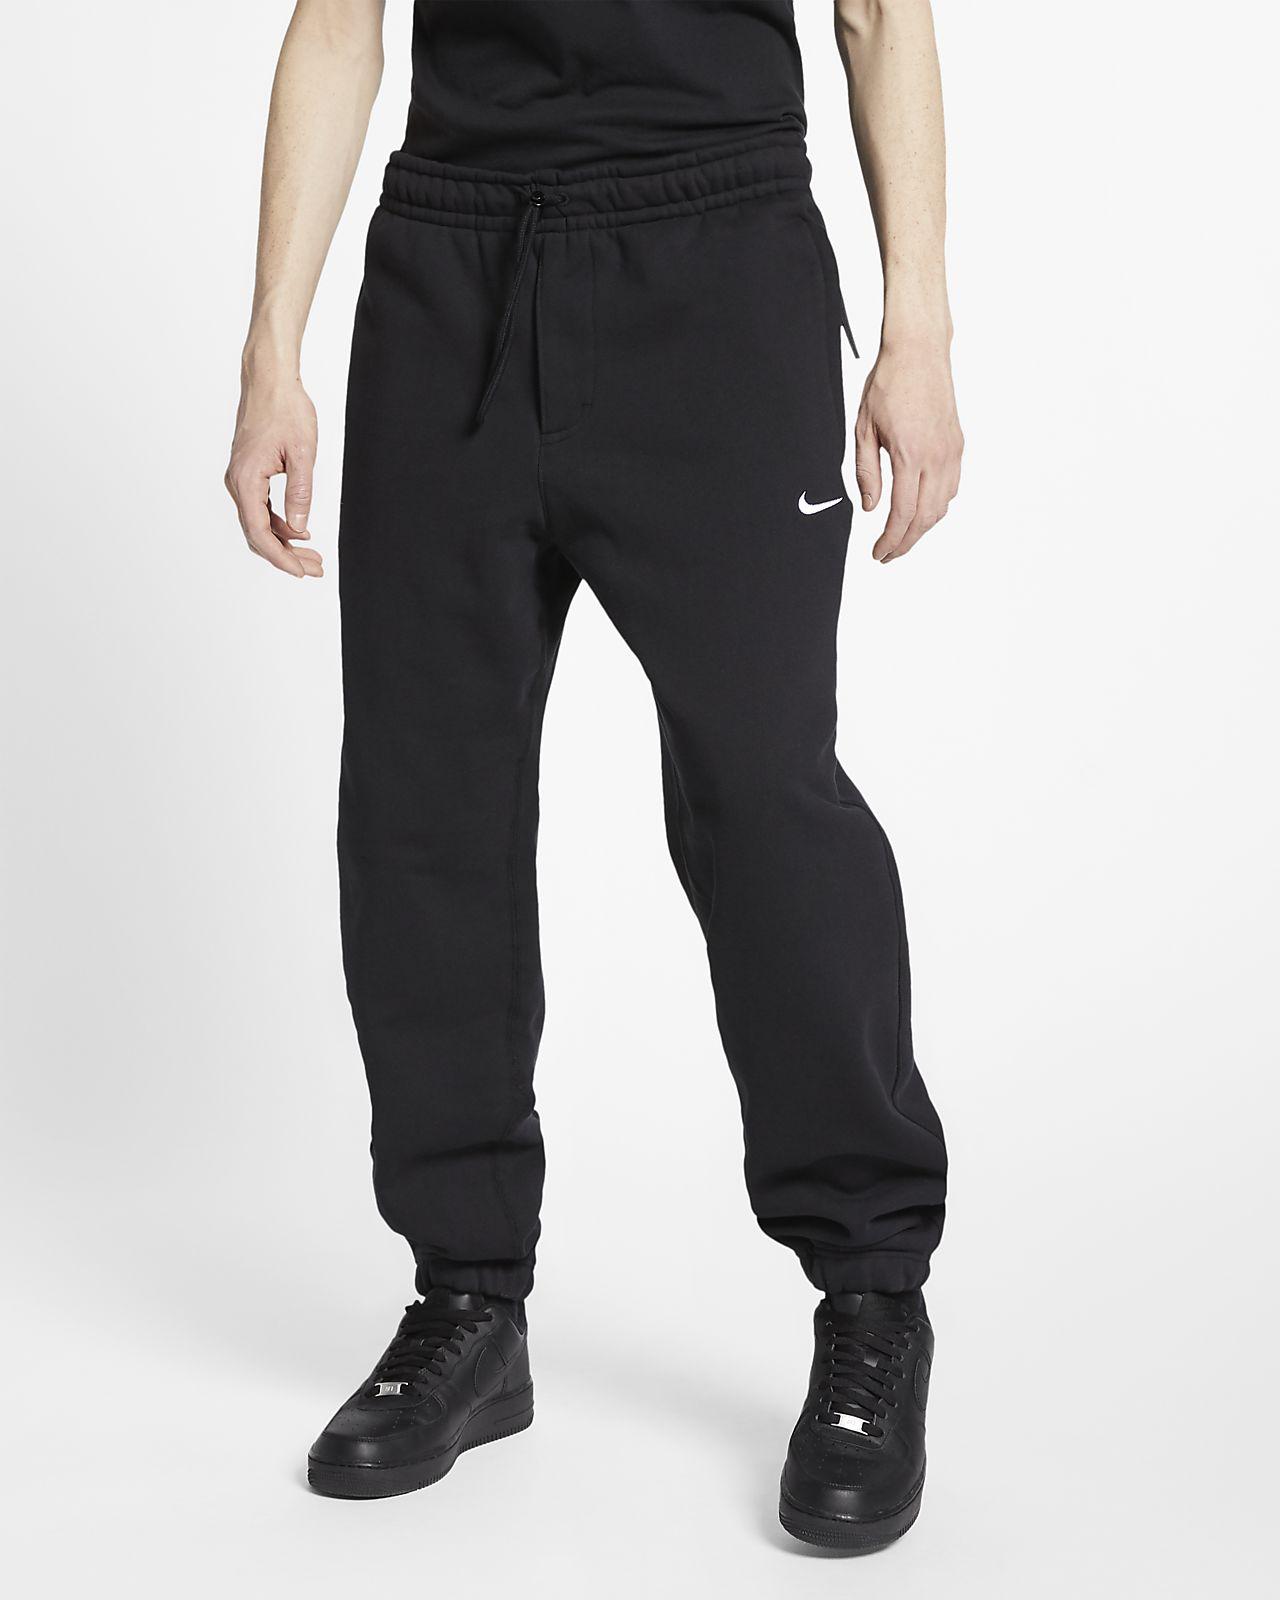 Męskie spodnie z dzianiny NikeLab Collection